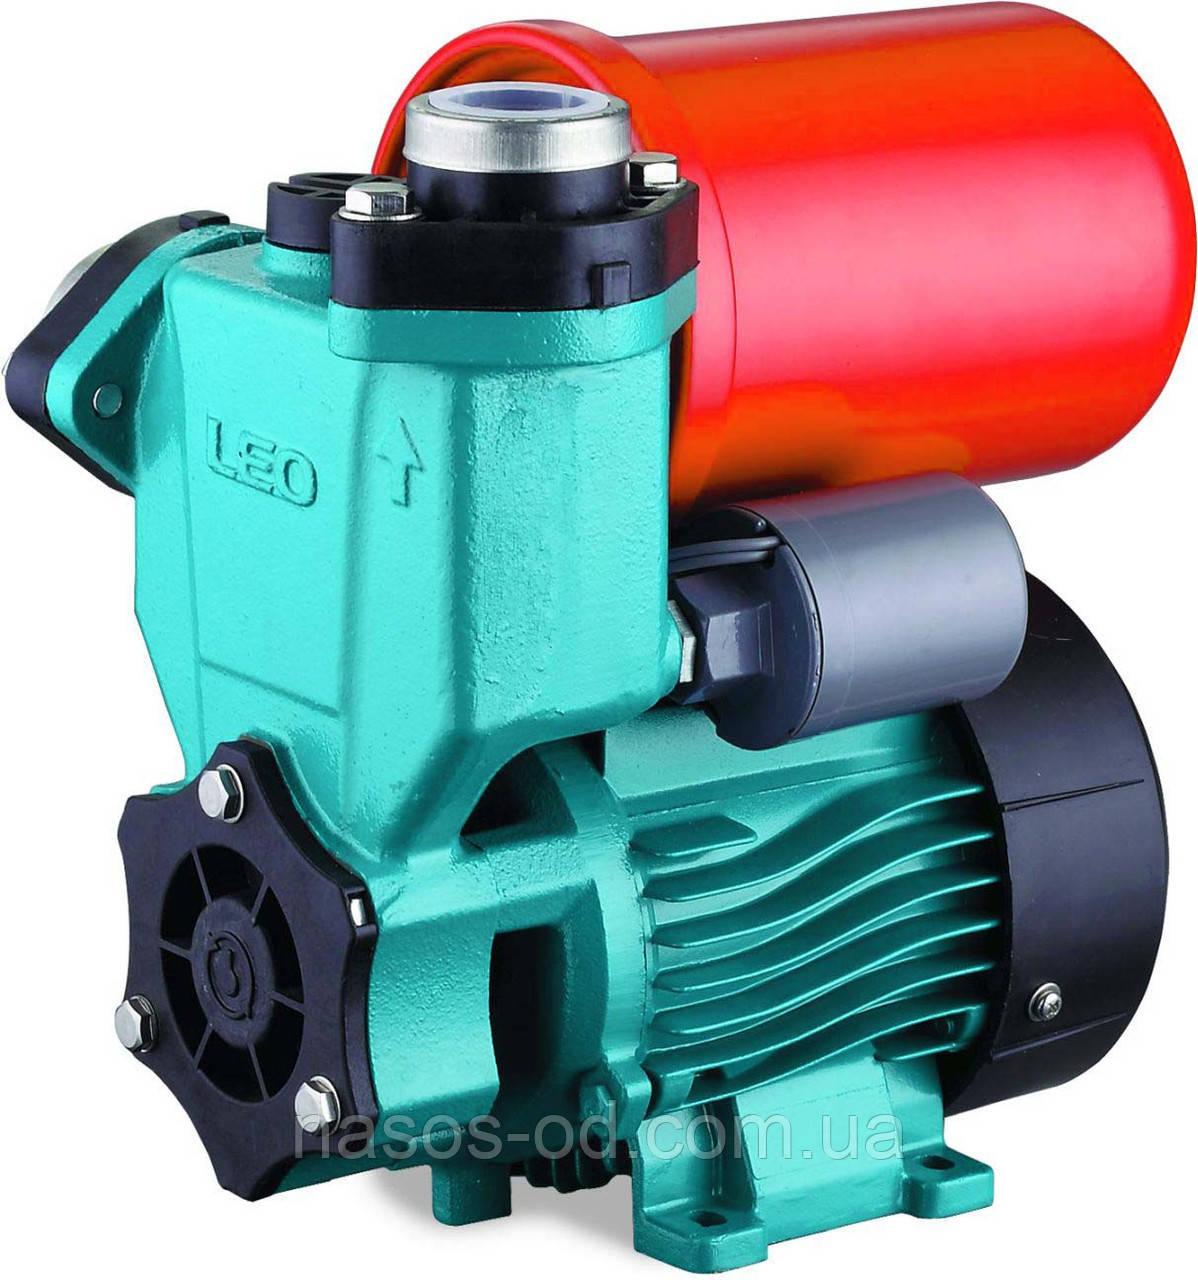 Насосная станция гидрофор Leo для воды 0.125кВт Hmax30м Qmax30л/мин (вихревой насос) 1л (776111)